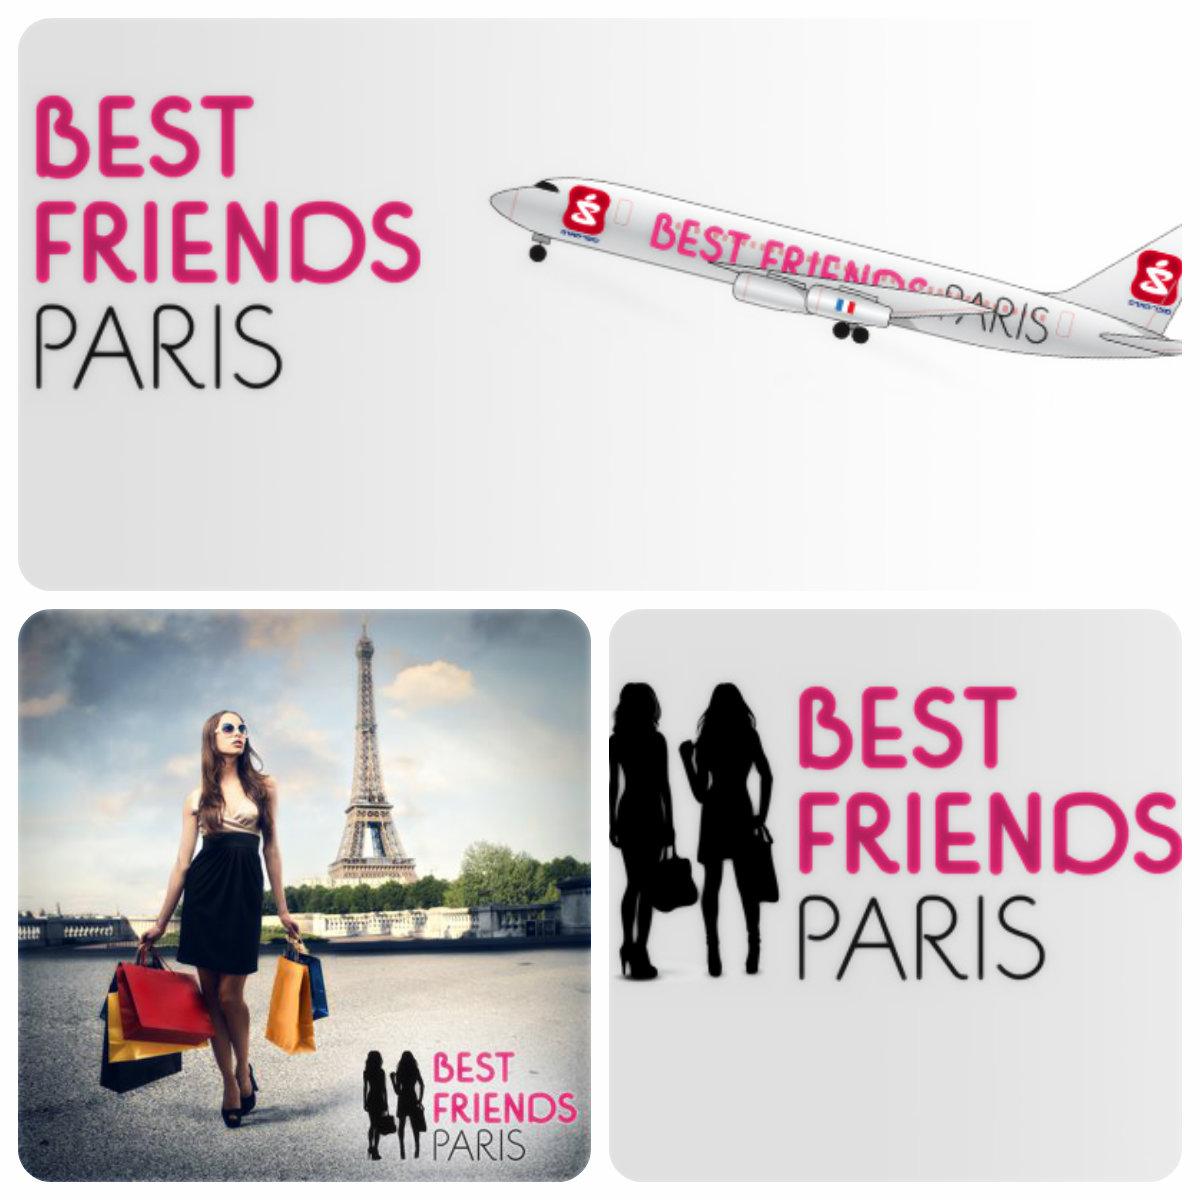 Внимание!!! Розыгрыши поездок в Париж!!!